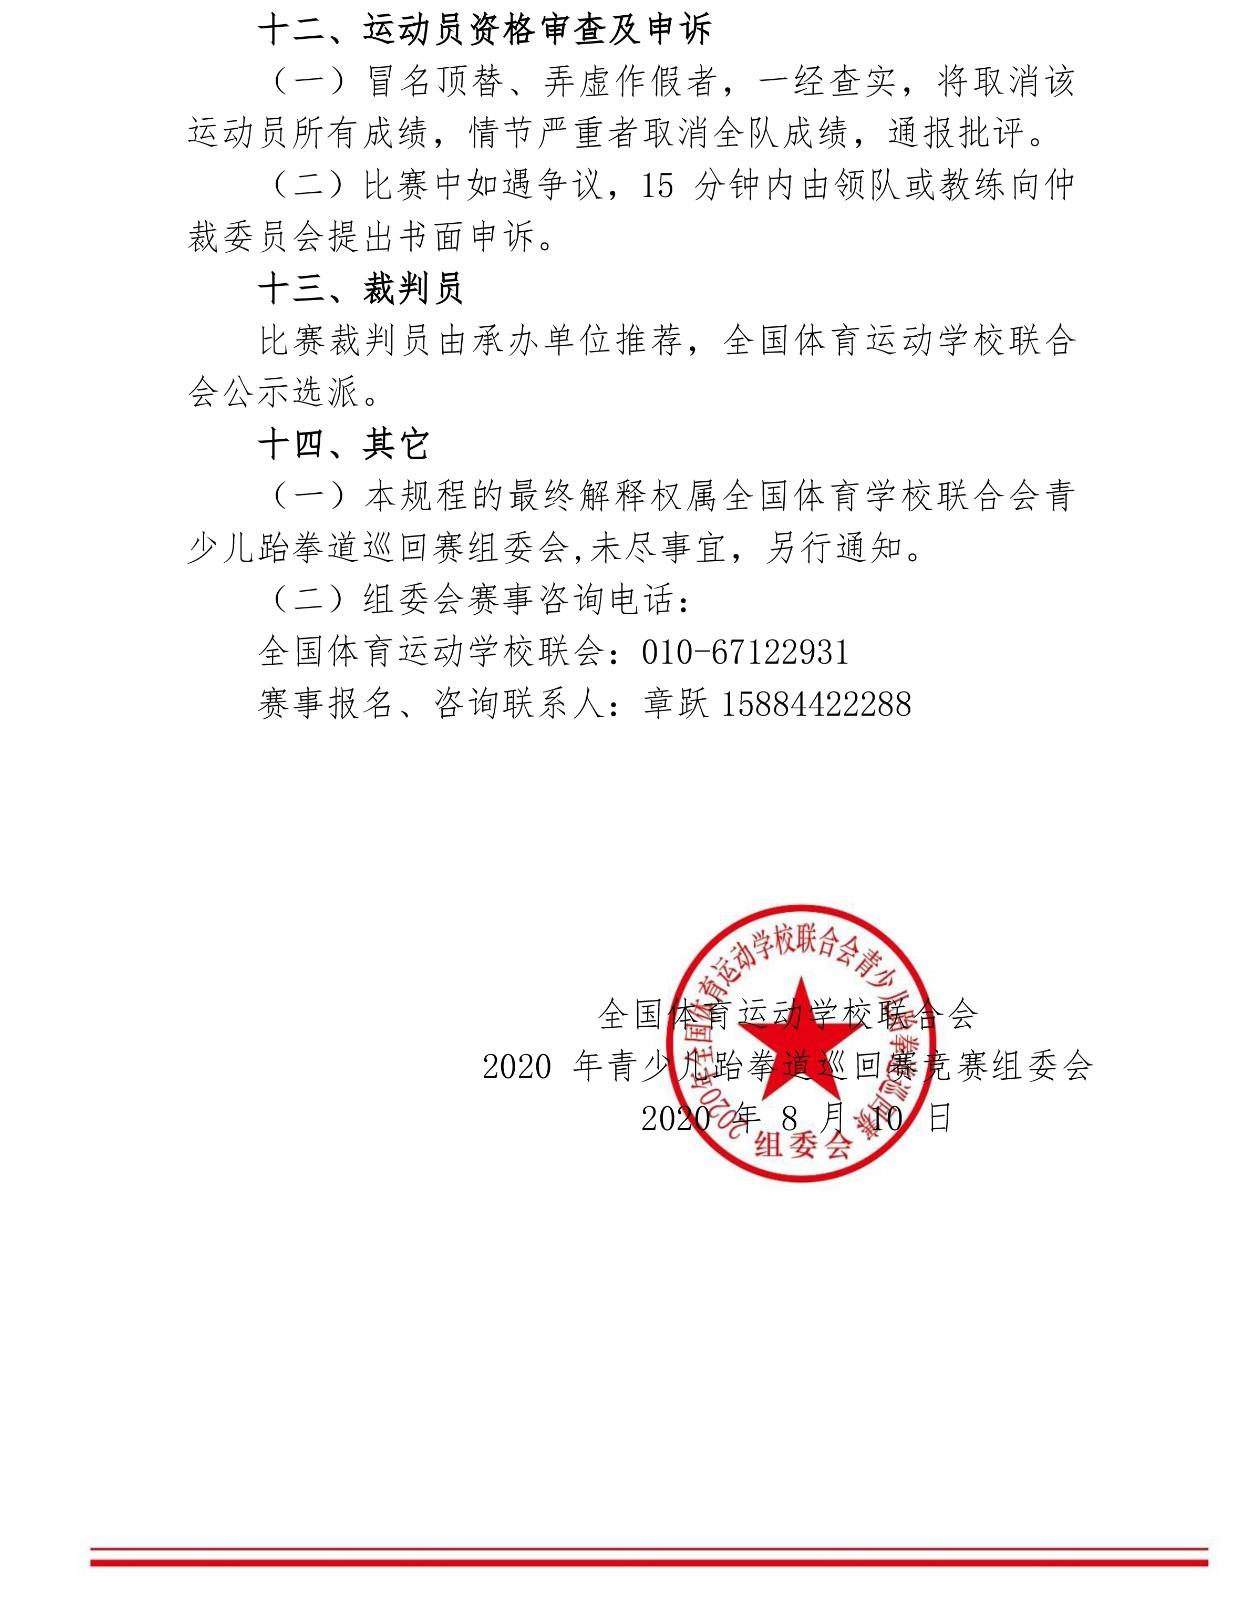 2020 年全国体育学校联合会青少儿跆拳道巡回赛四川站竞赛规程-11